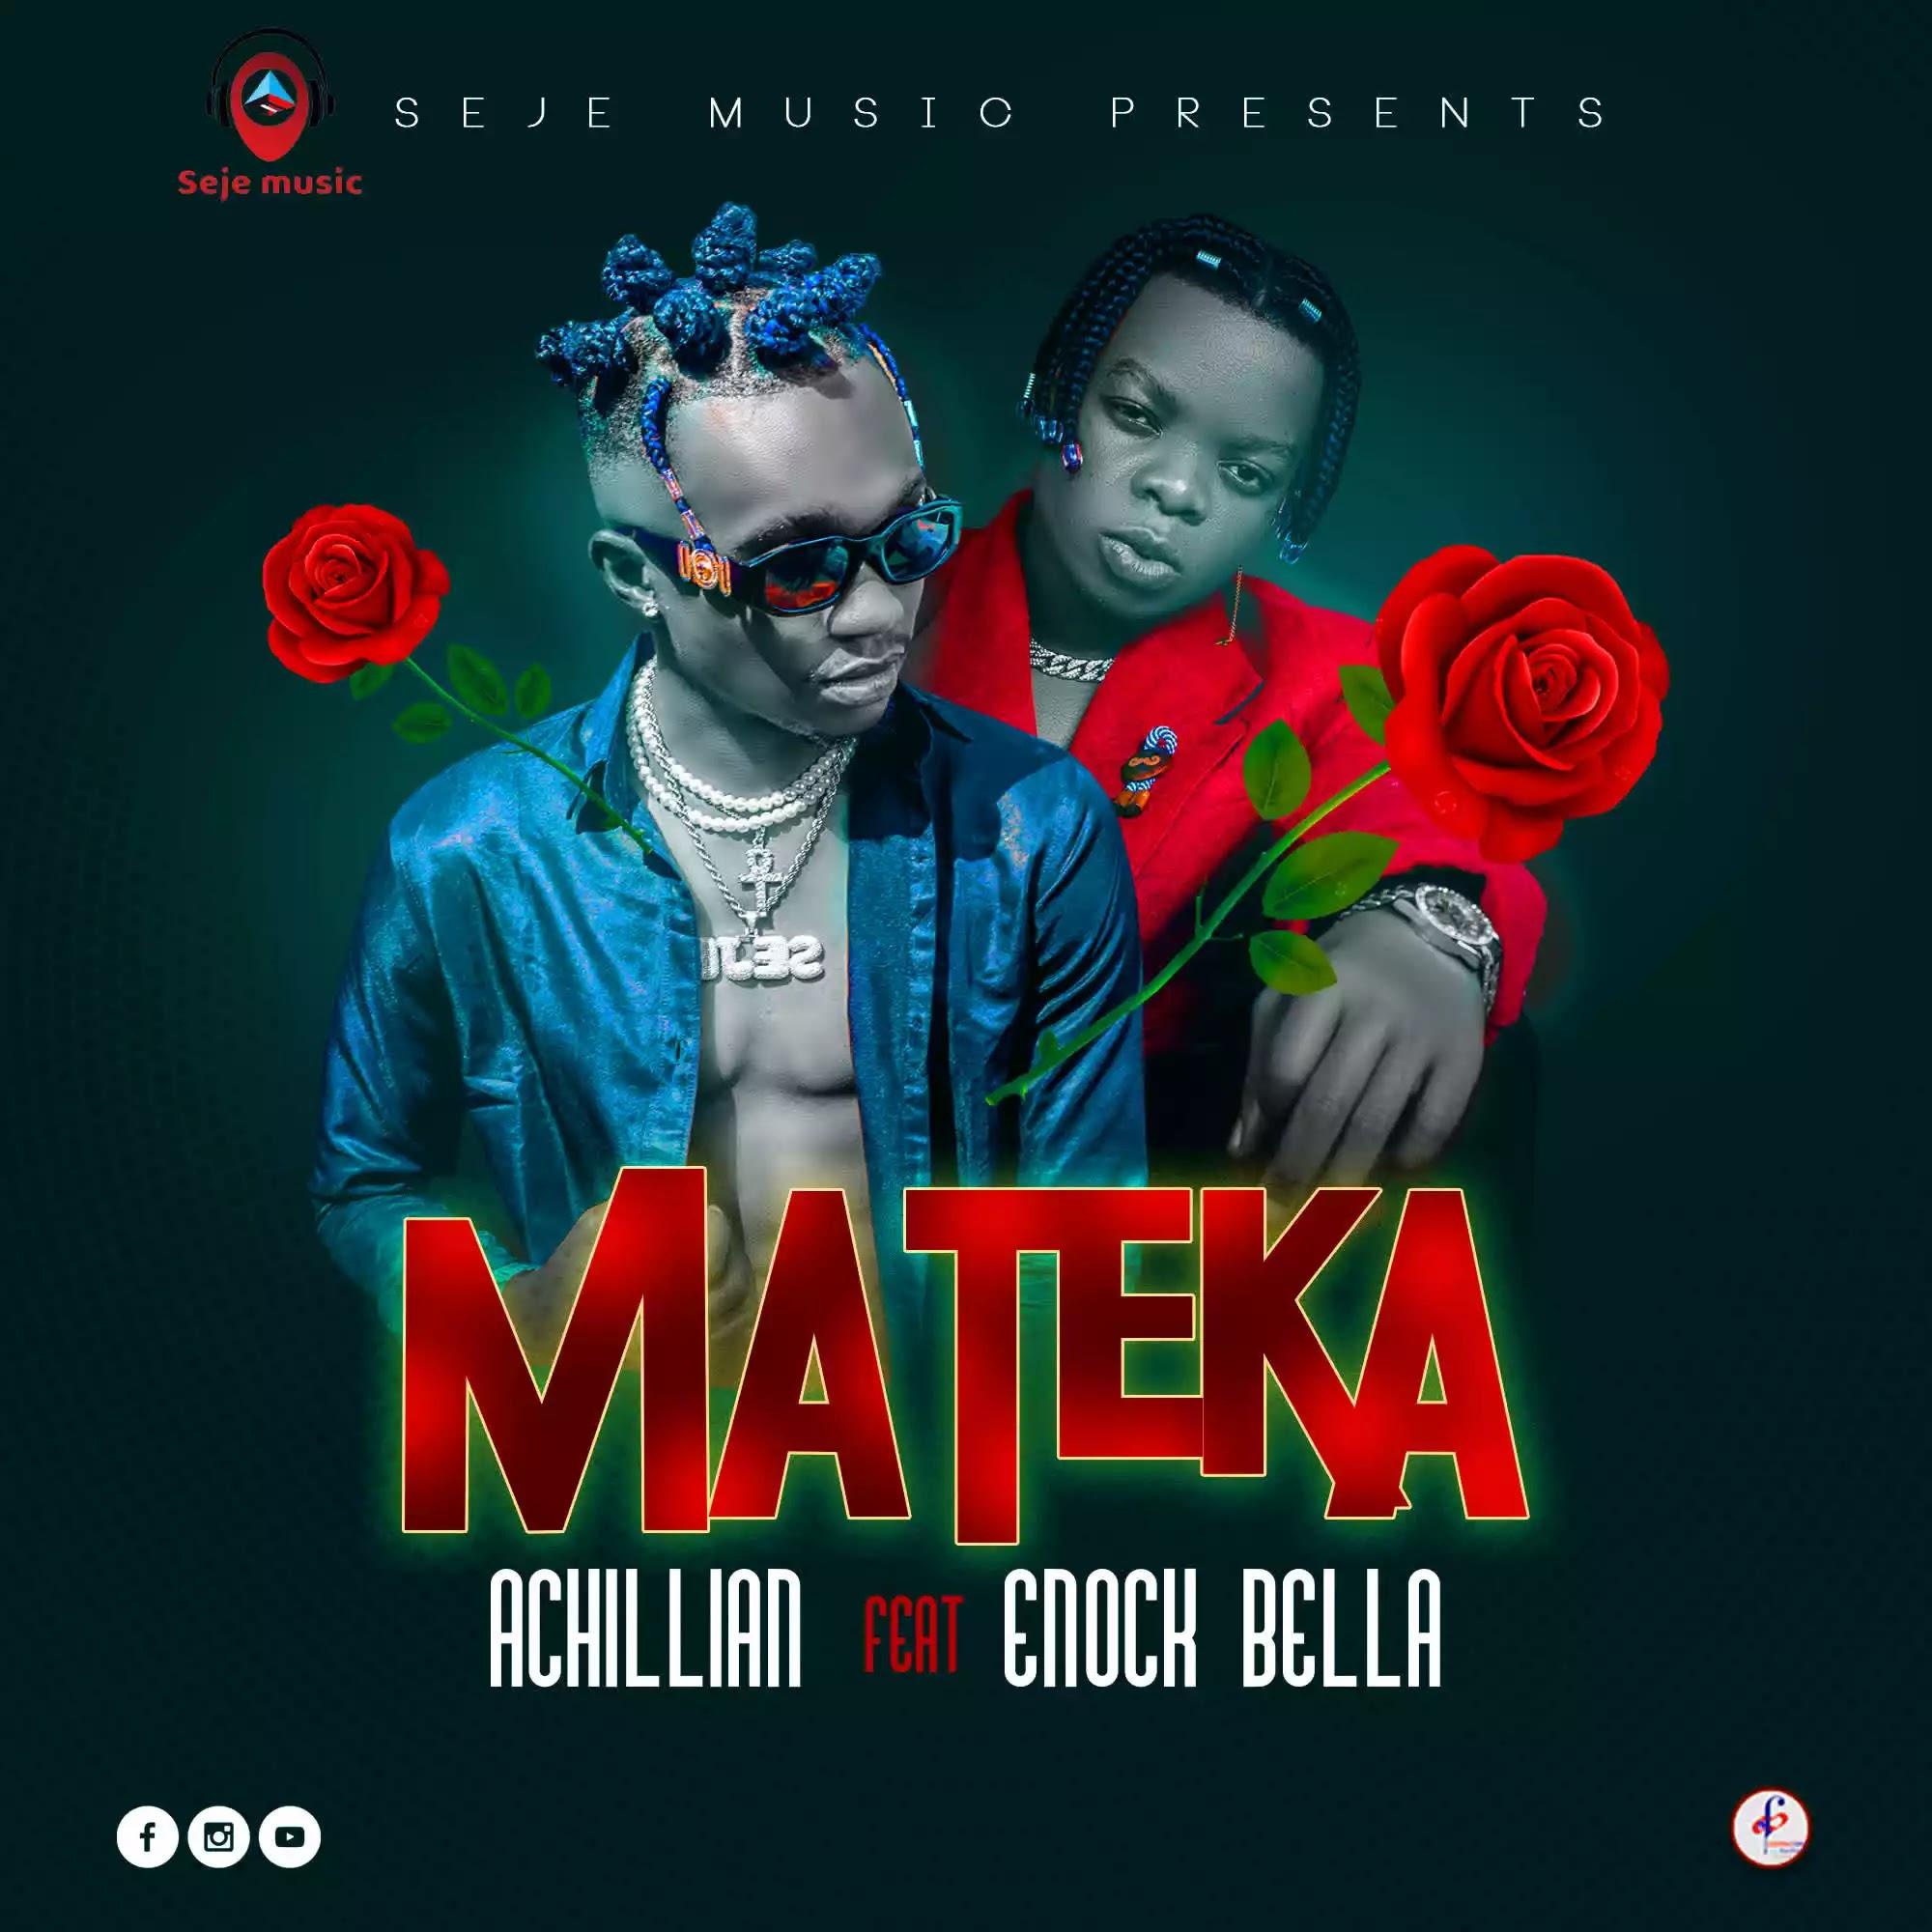 Achillian ft Enock bella – Mateka